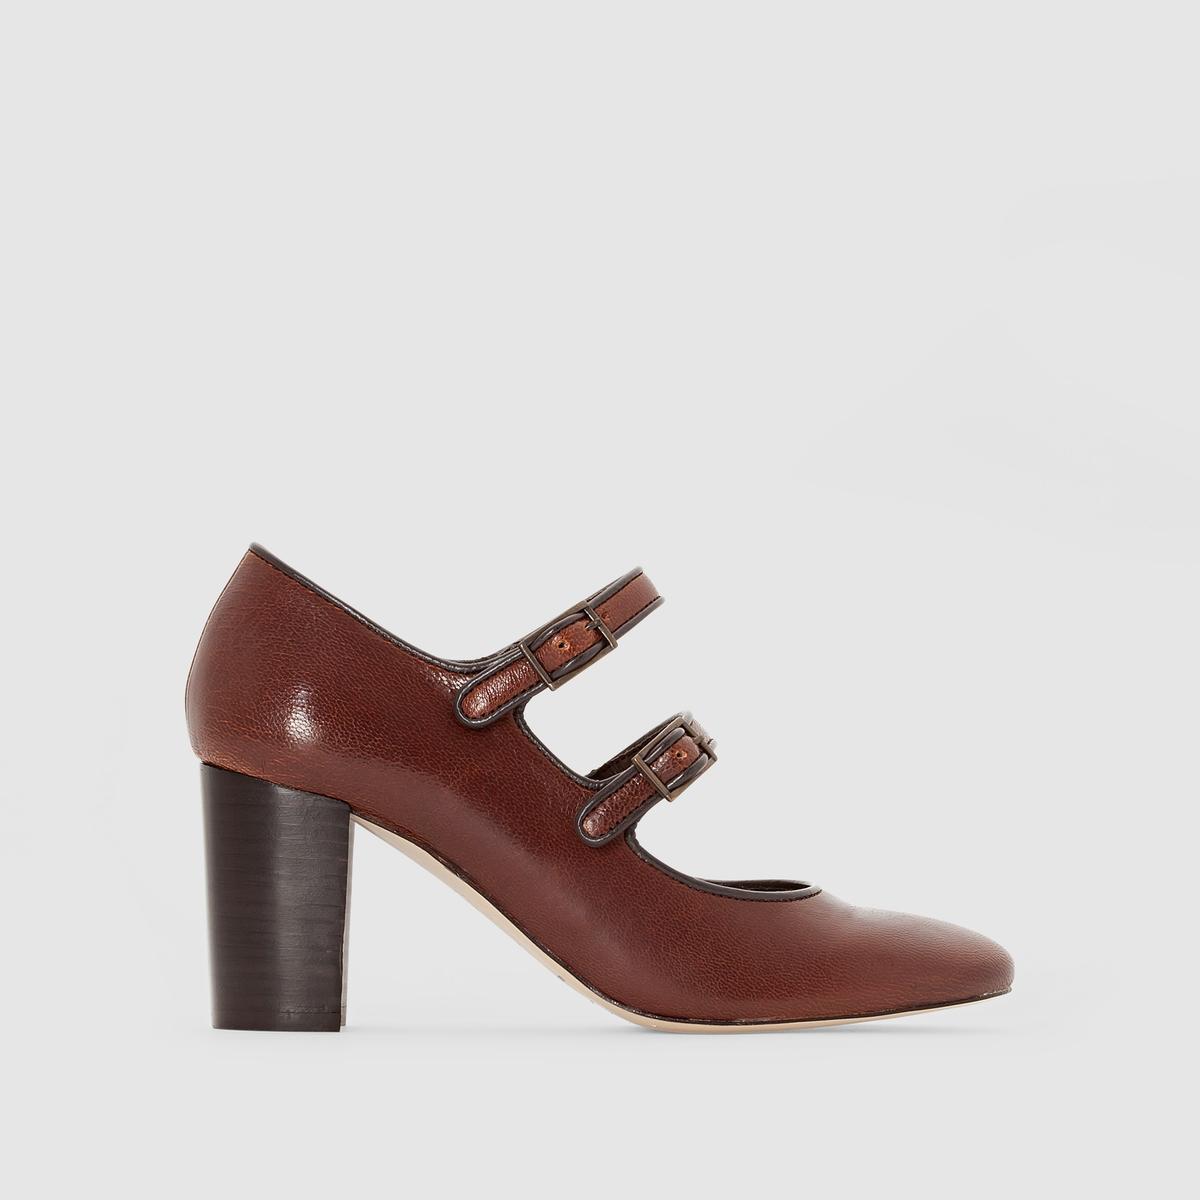 ТуфлиПодкладка: кожа   Стелька: кожа  Подошва: эластомер   Высота каблука: 7 см<br><br>Цвет: коньячный